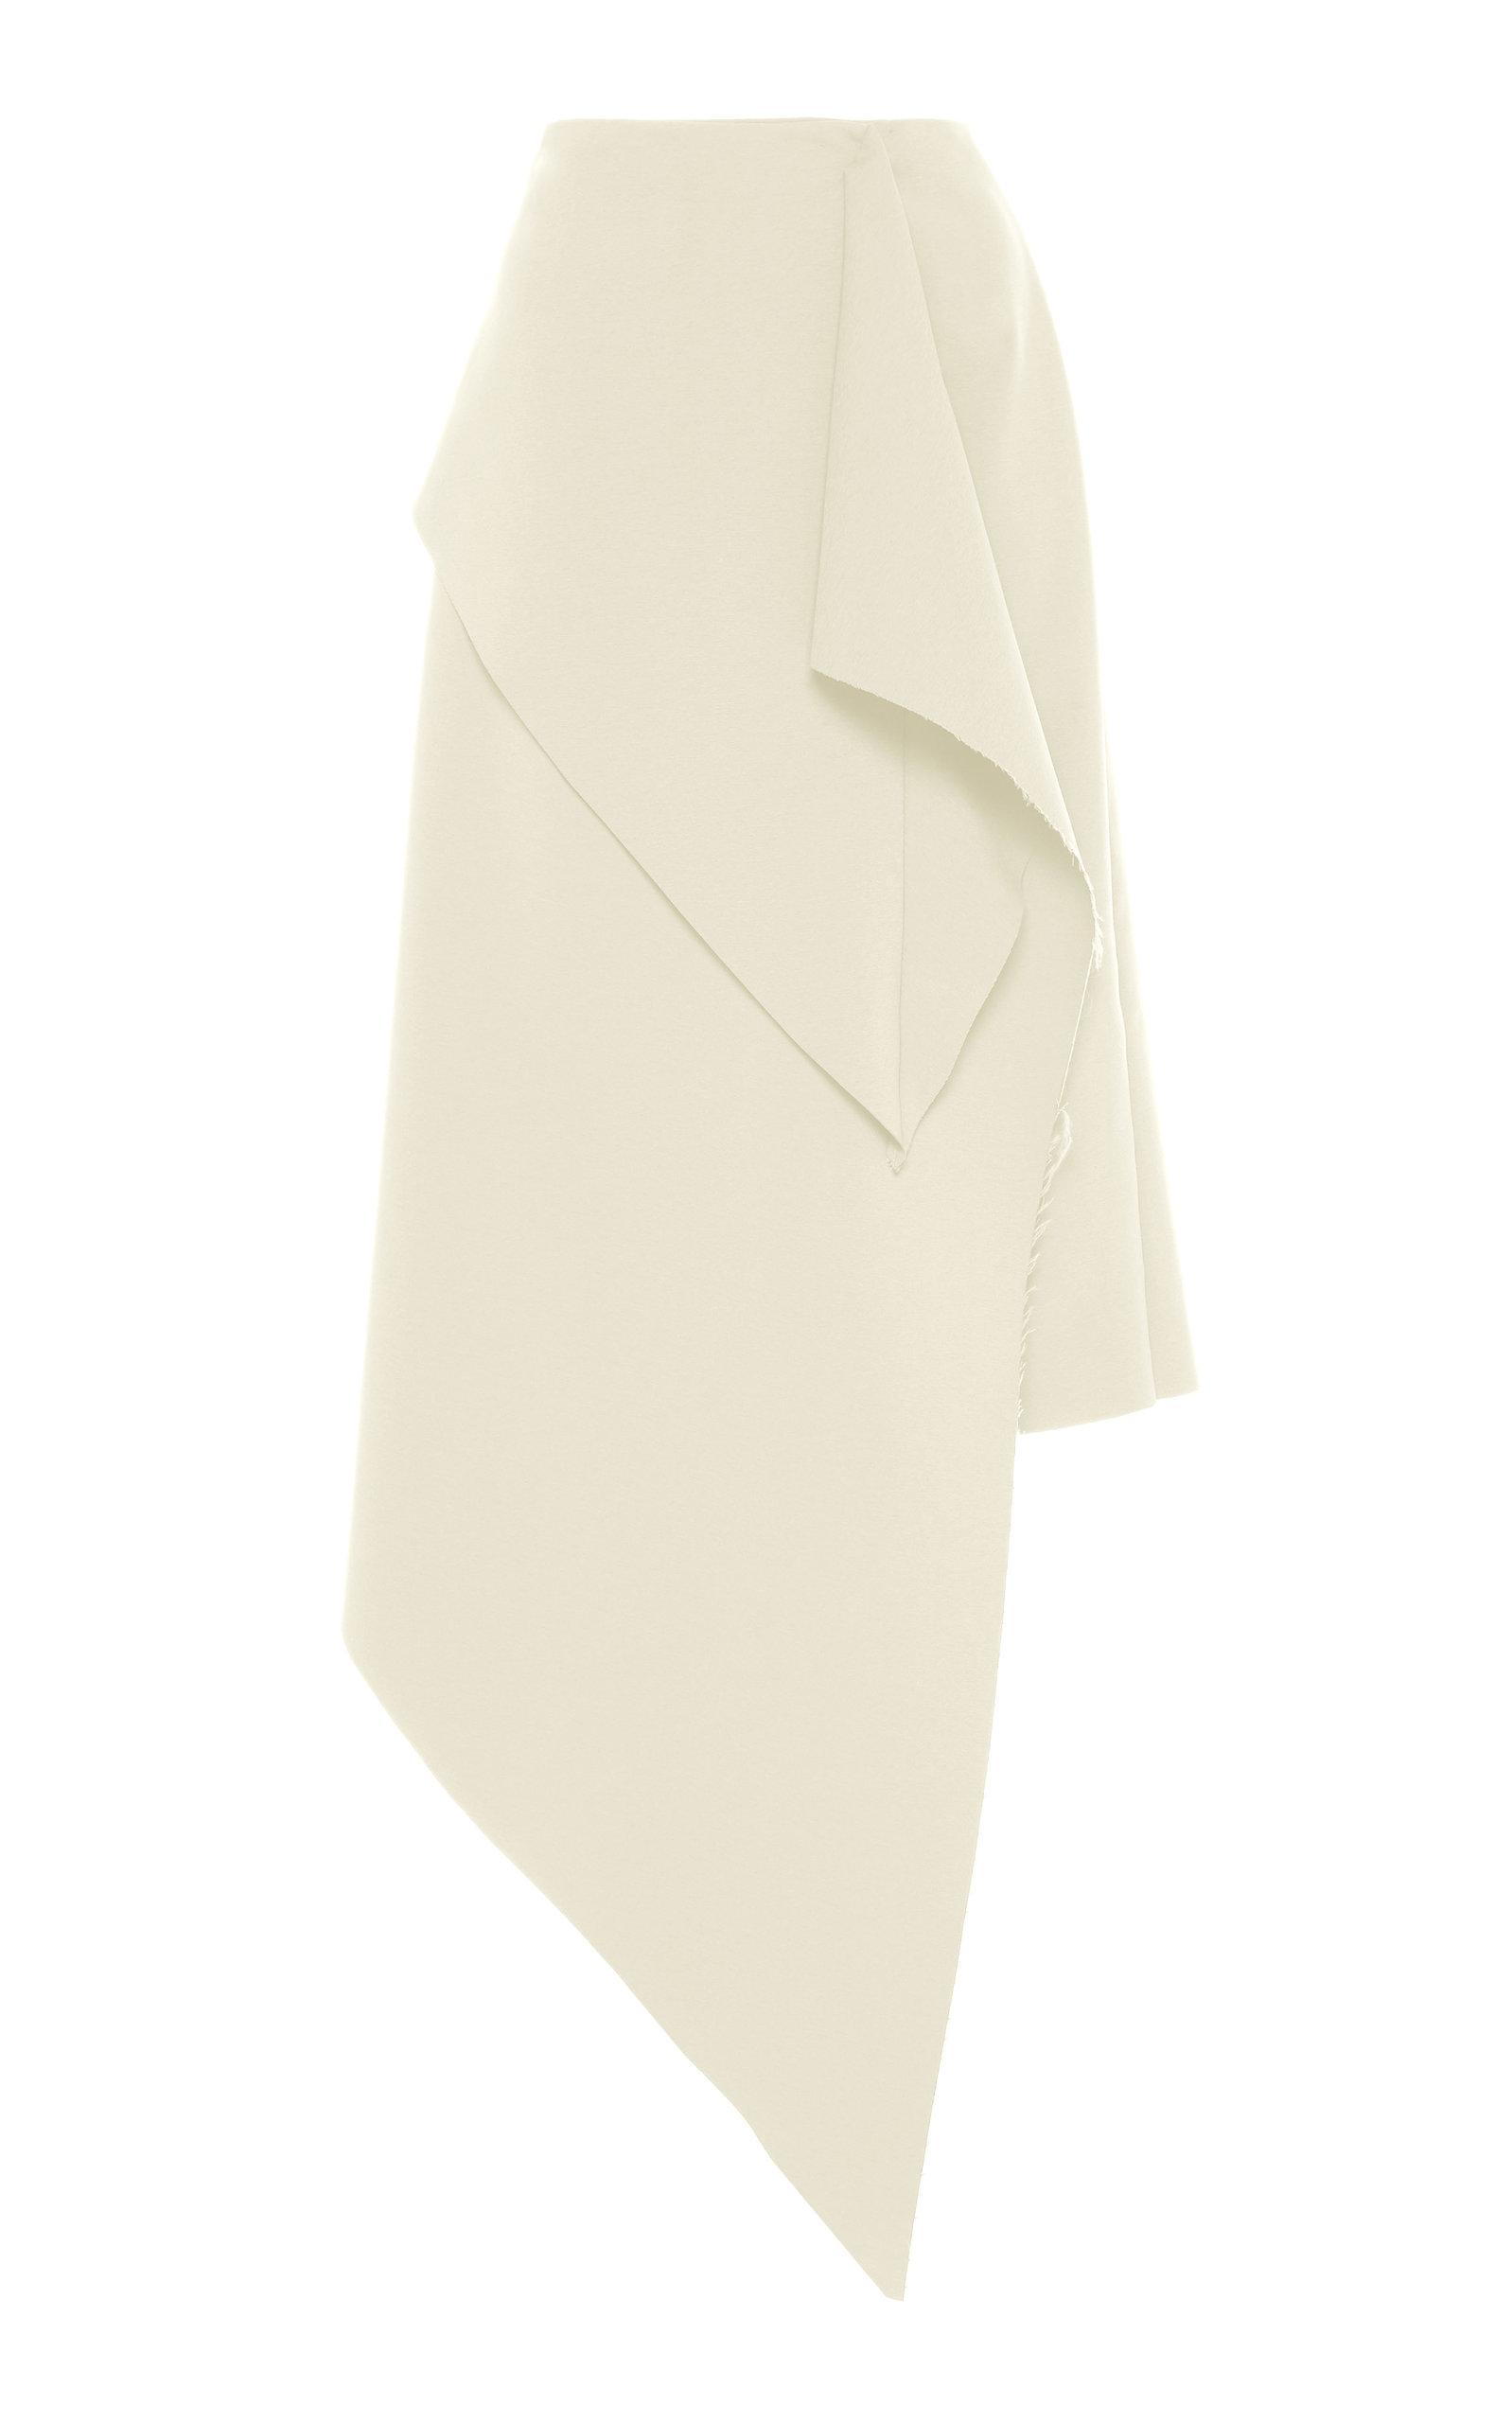 A.w.a.k.e. Asymmetric Draped Skirt In White